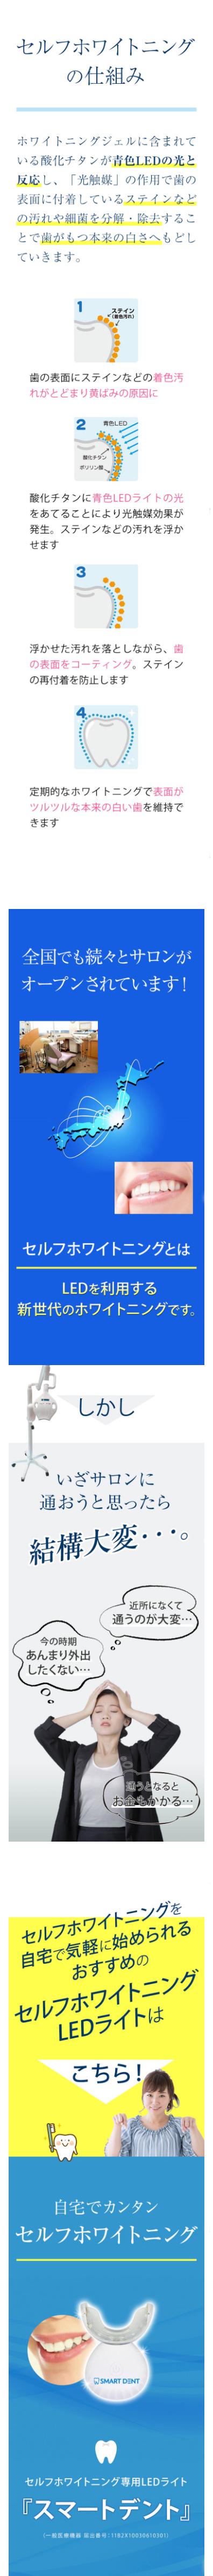 セルフホワイトニングの仕組み。ホワイトニングジェルに含まれている酸化チタンが青色LEDの光と反応し、「光触媒」の作用で歯の表面に付着しているステインなどの汚れや細菌を分解・除去することで歯がもつ本来の白さへ戻していきます。